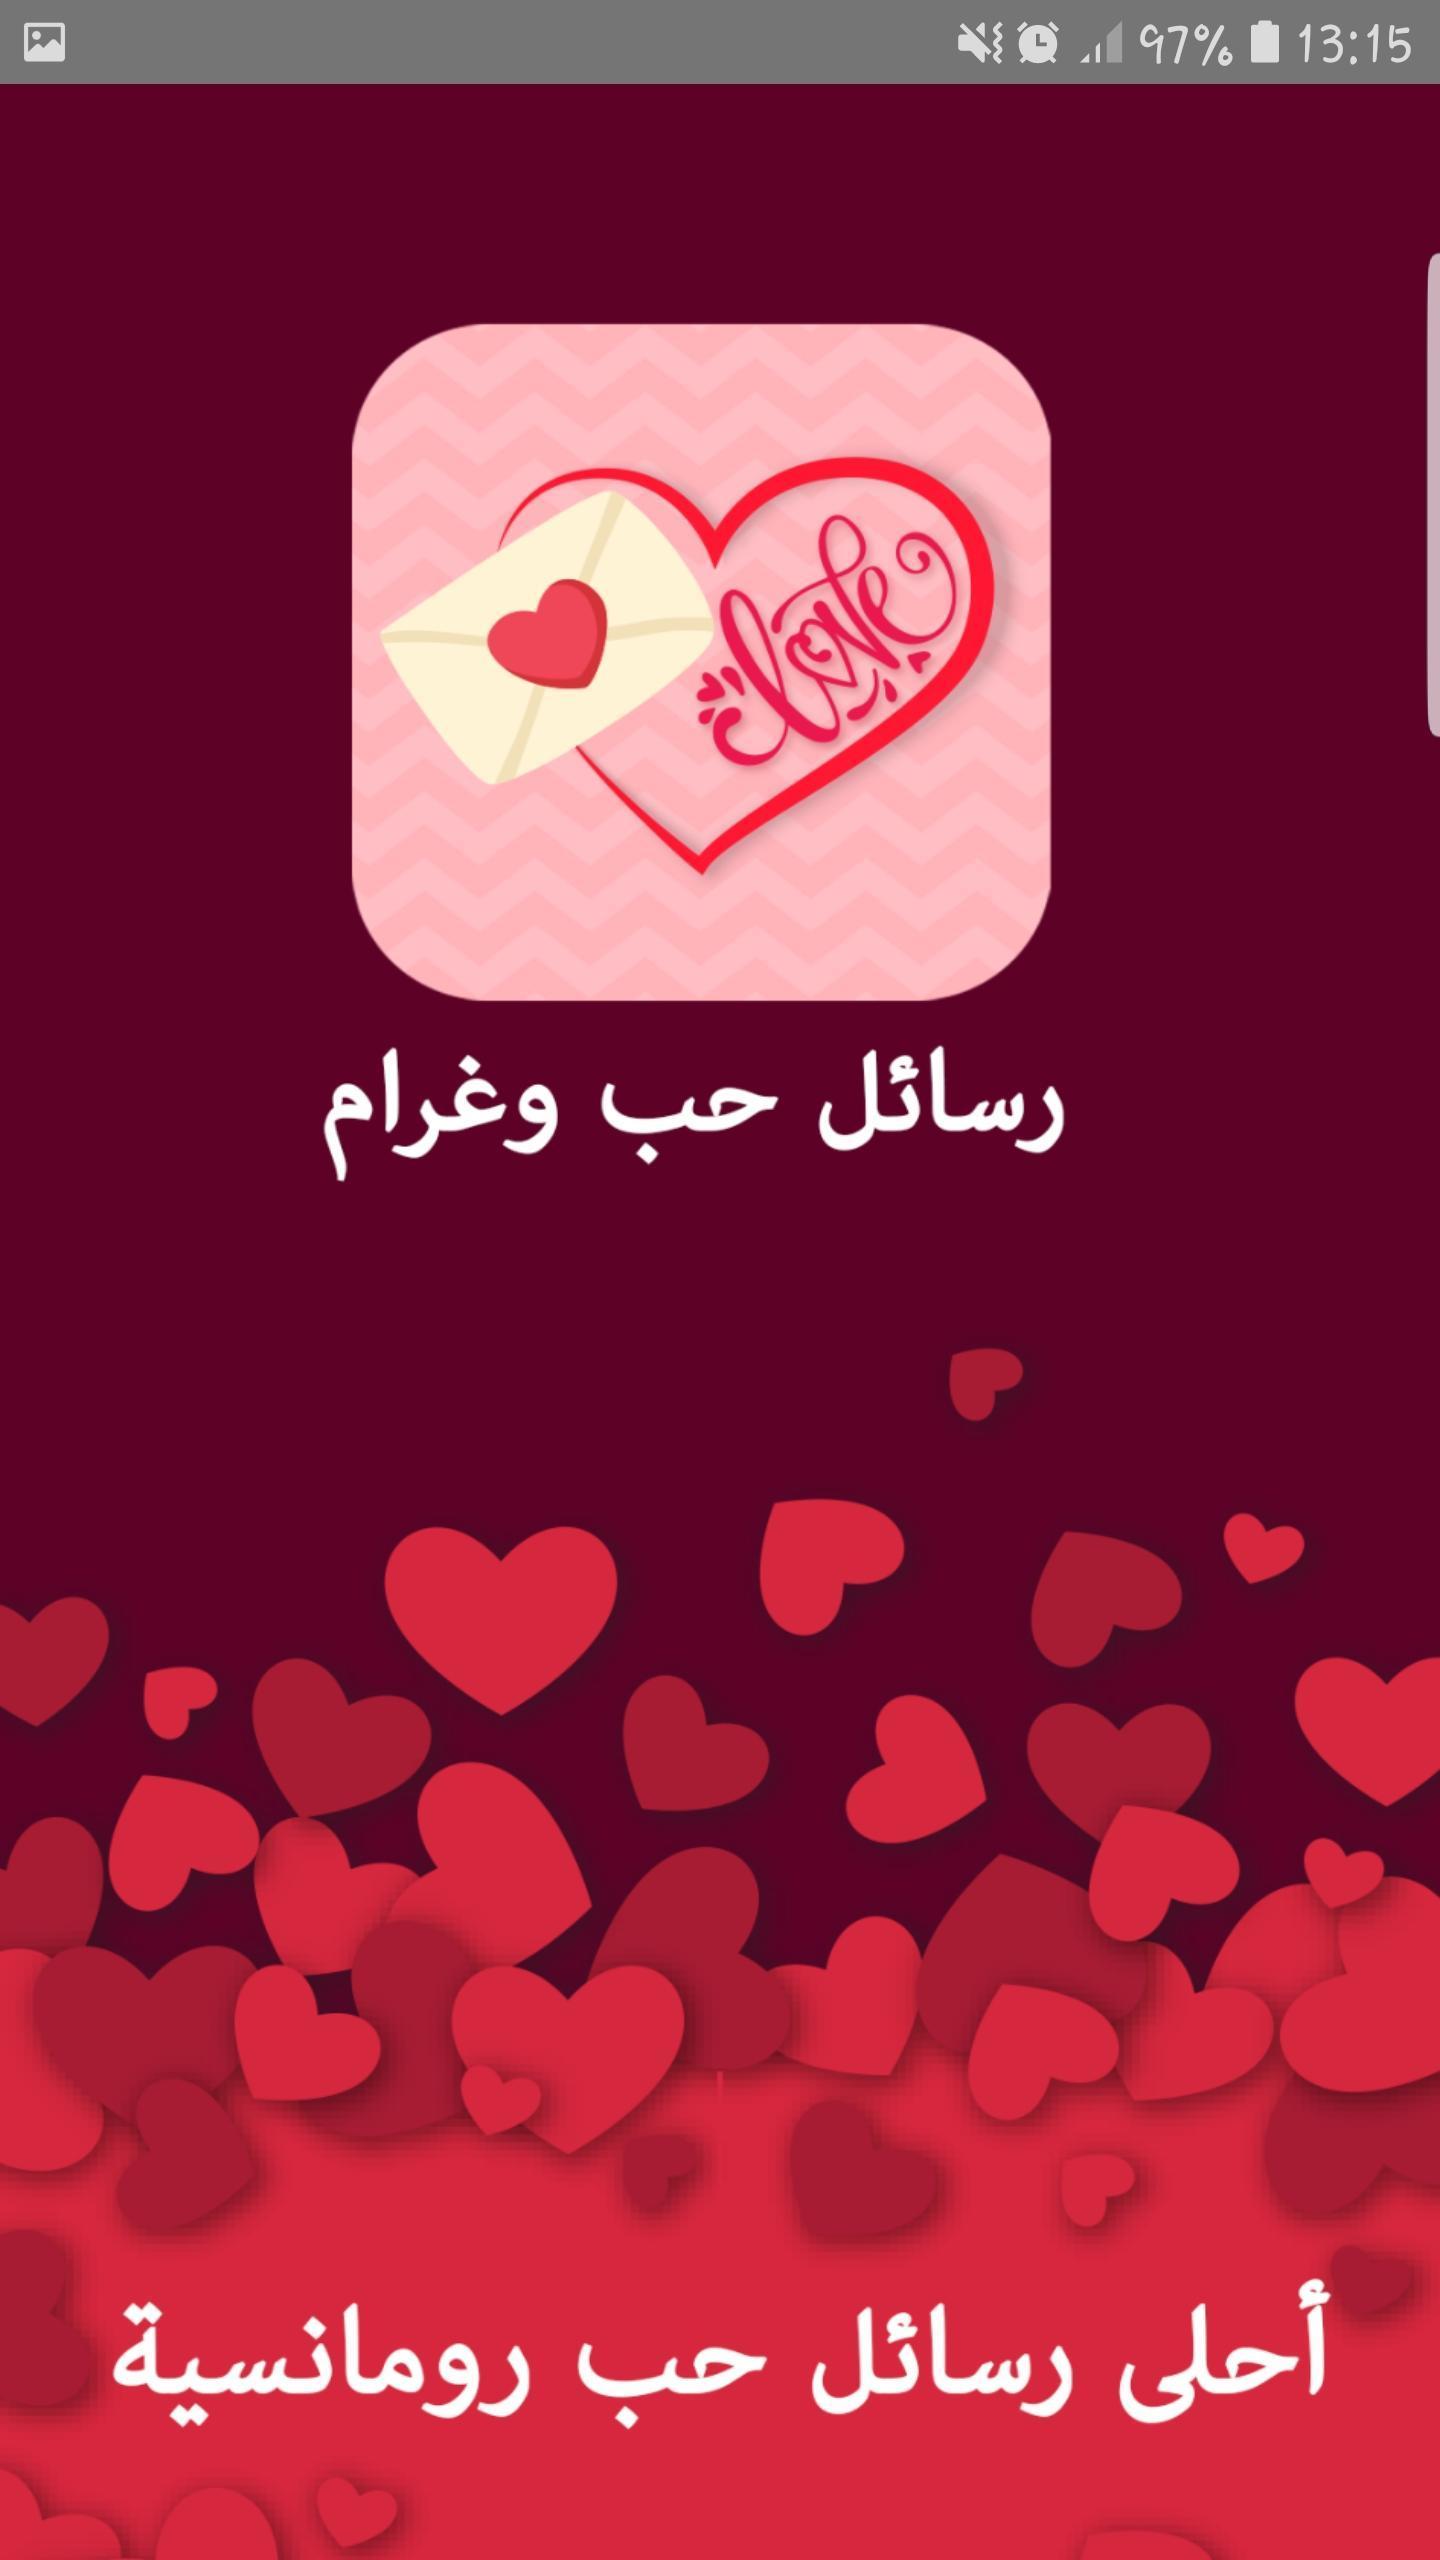 20 رسالة حب قوية من عاشق ولهان